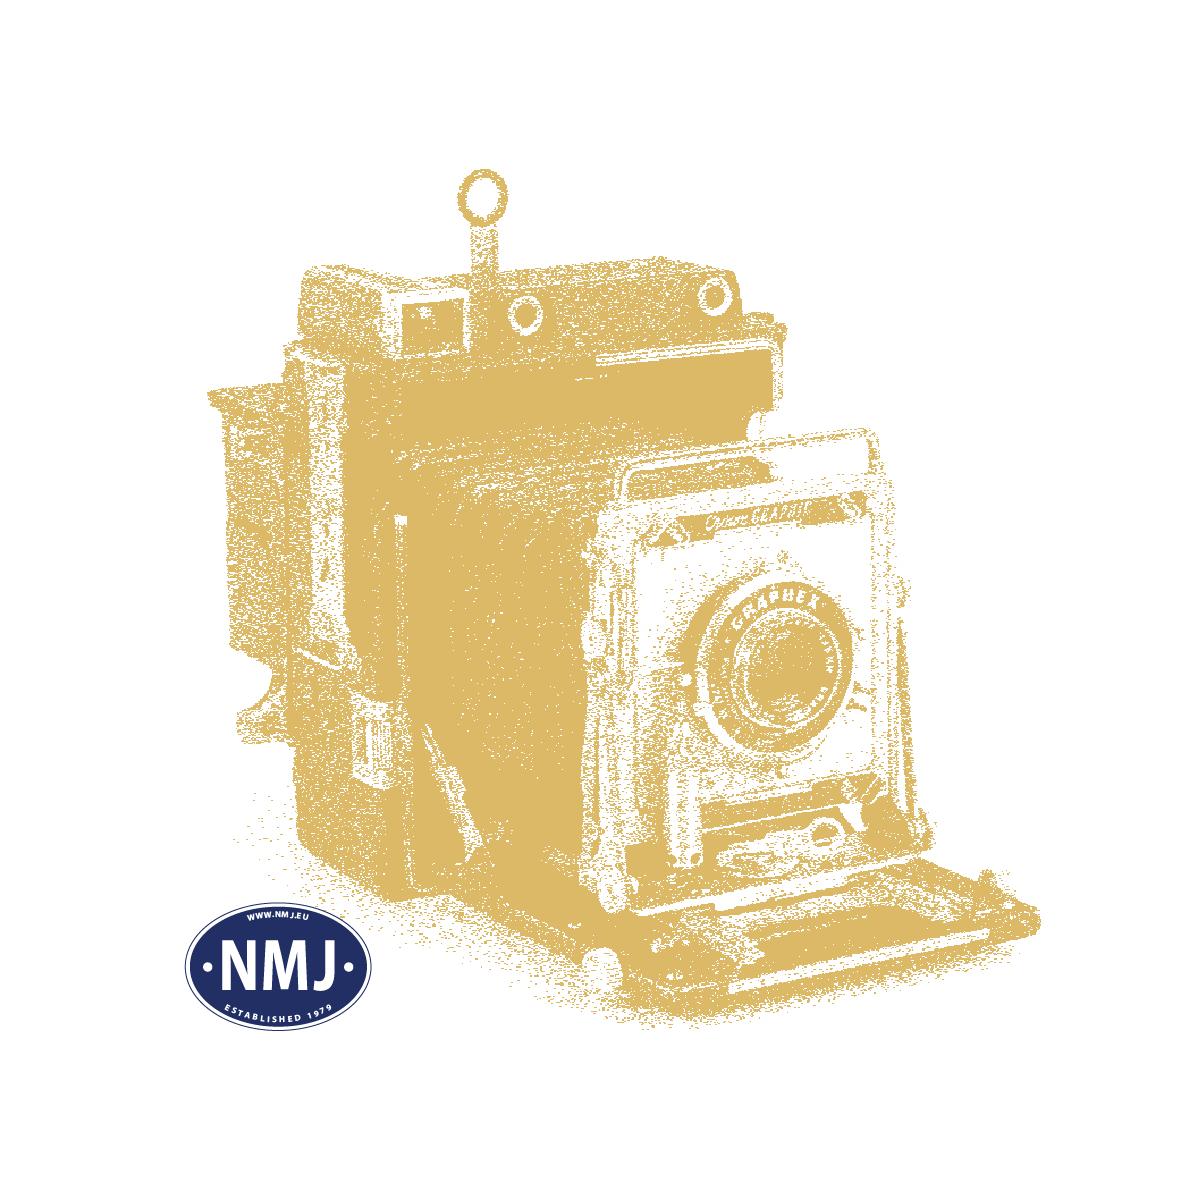 NMJT245002 - NMJ Topline NSB Di3.622 Redbrown, 0-Scale, DCC Sound